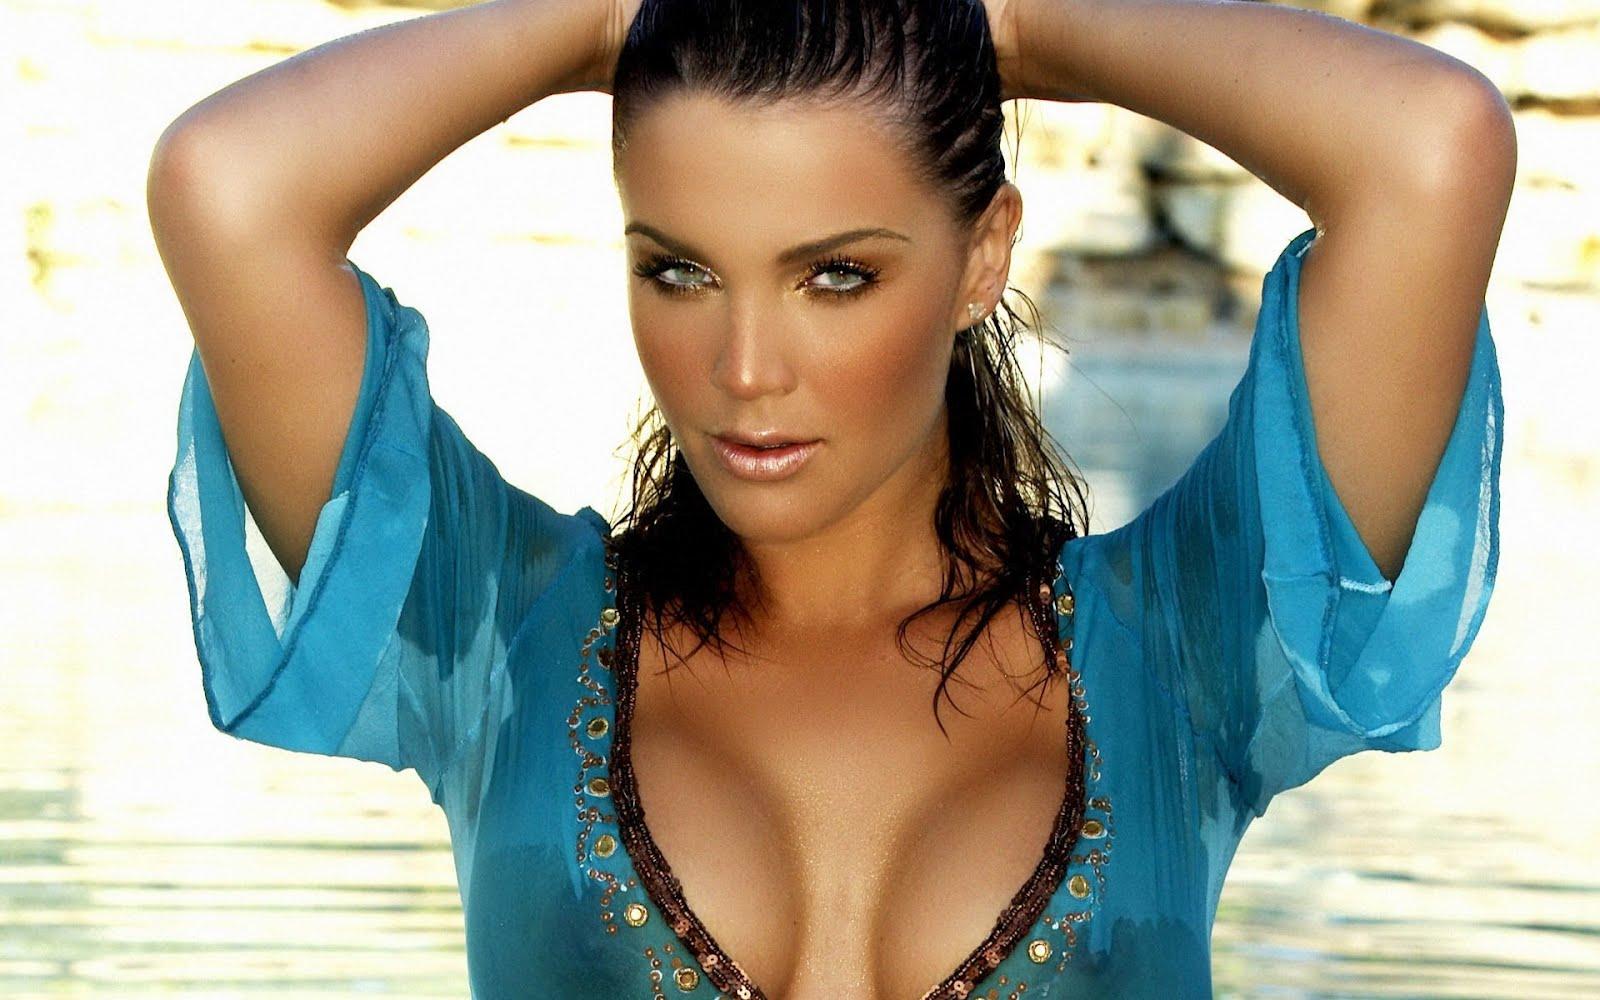 связи девушка с большой грудью в мокрой рубашке фото сильно